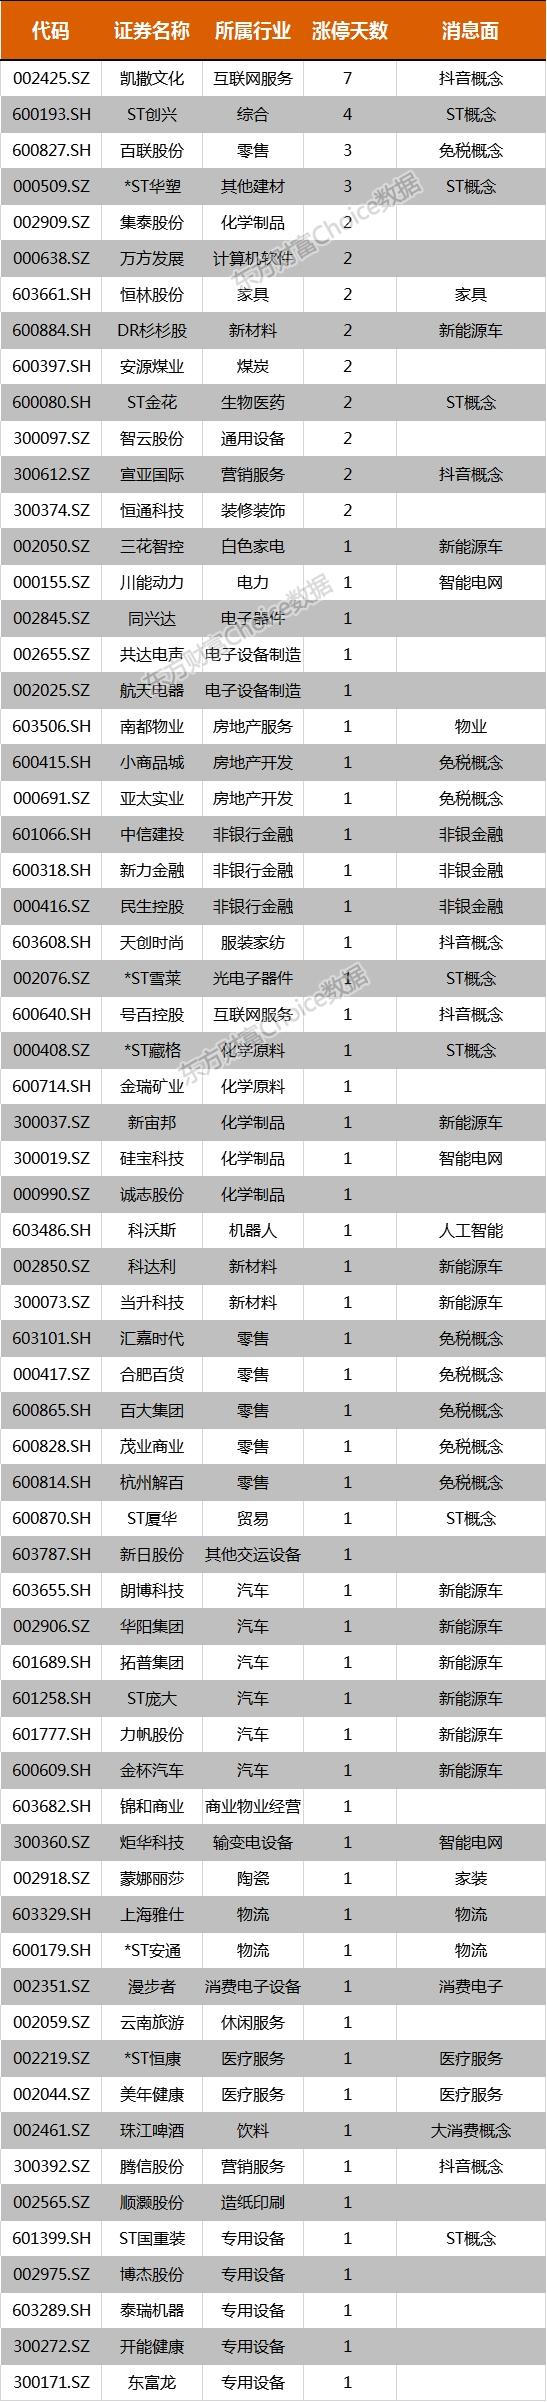 《【超越公司】复盘69涨停股:免税概念涨停潮 凯撒文化7板》